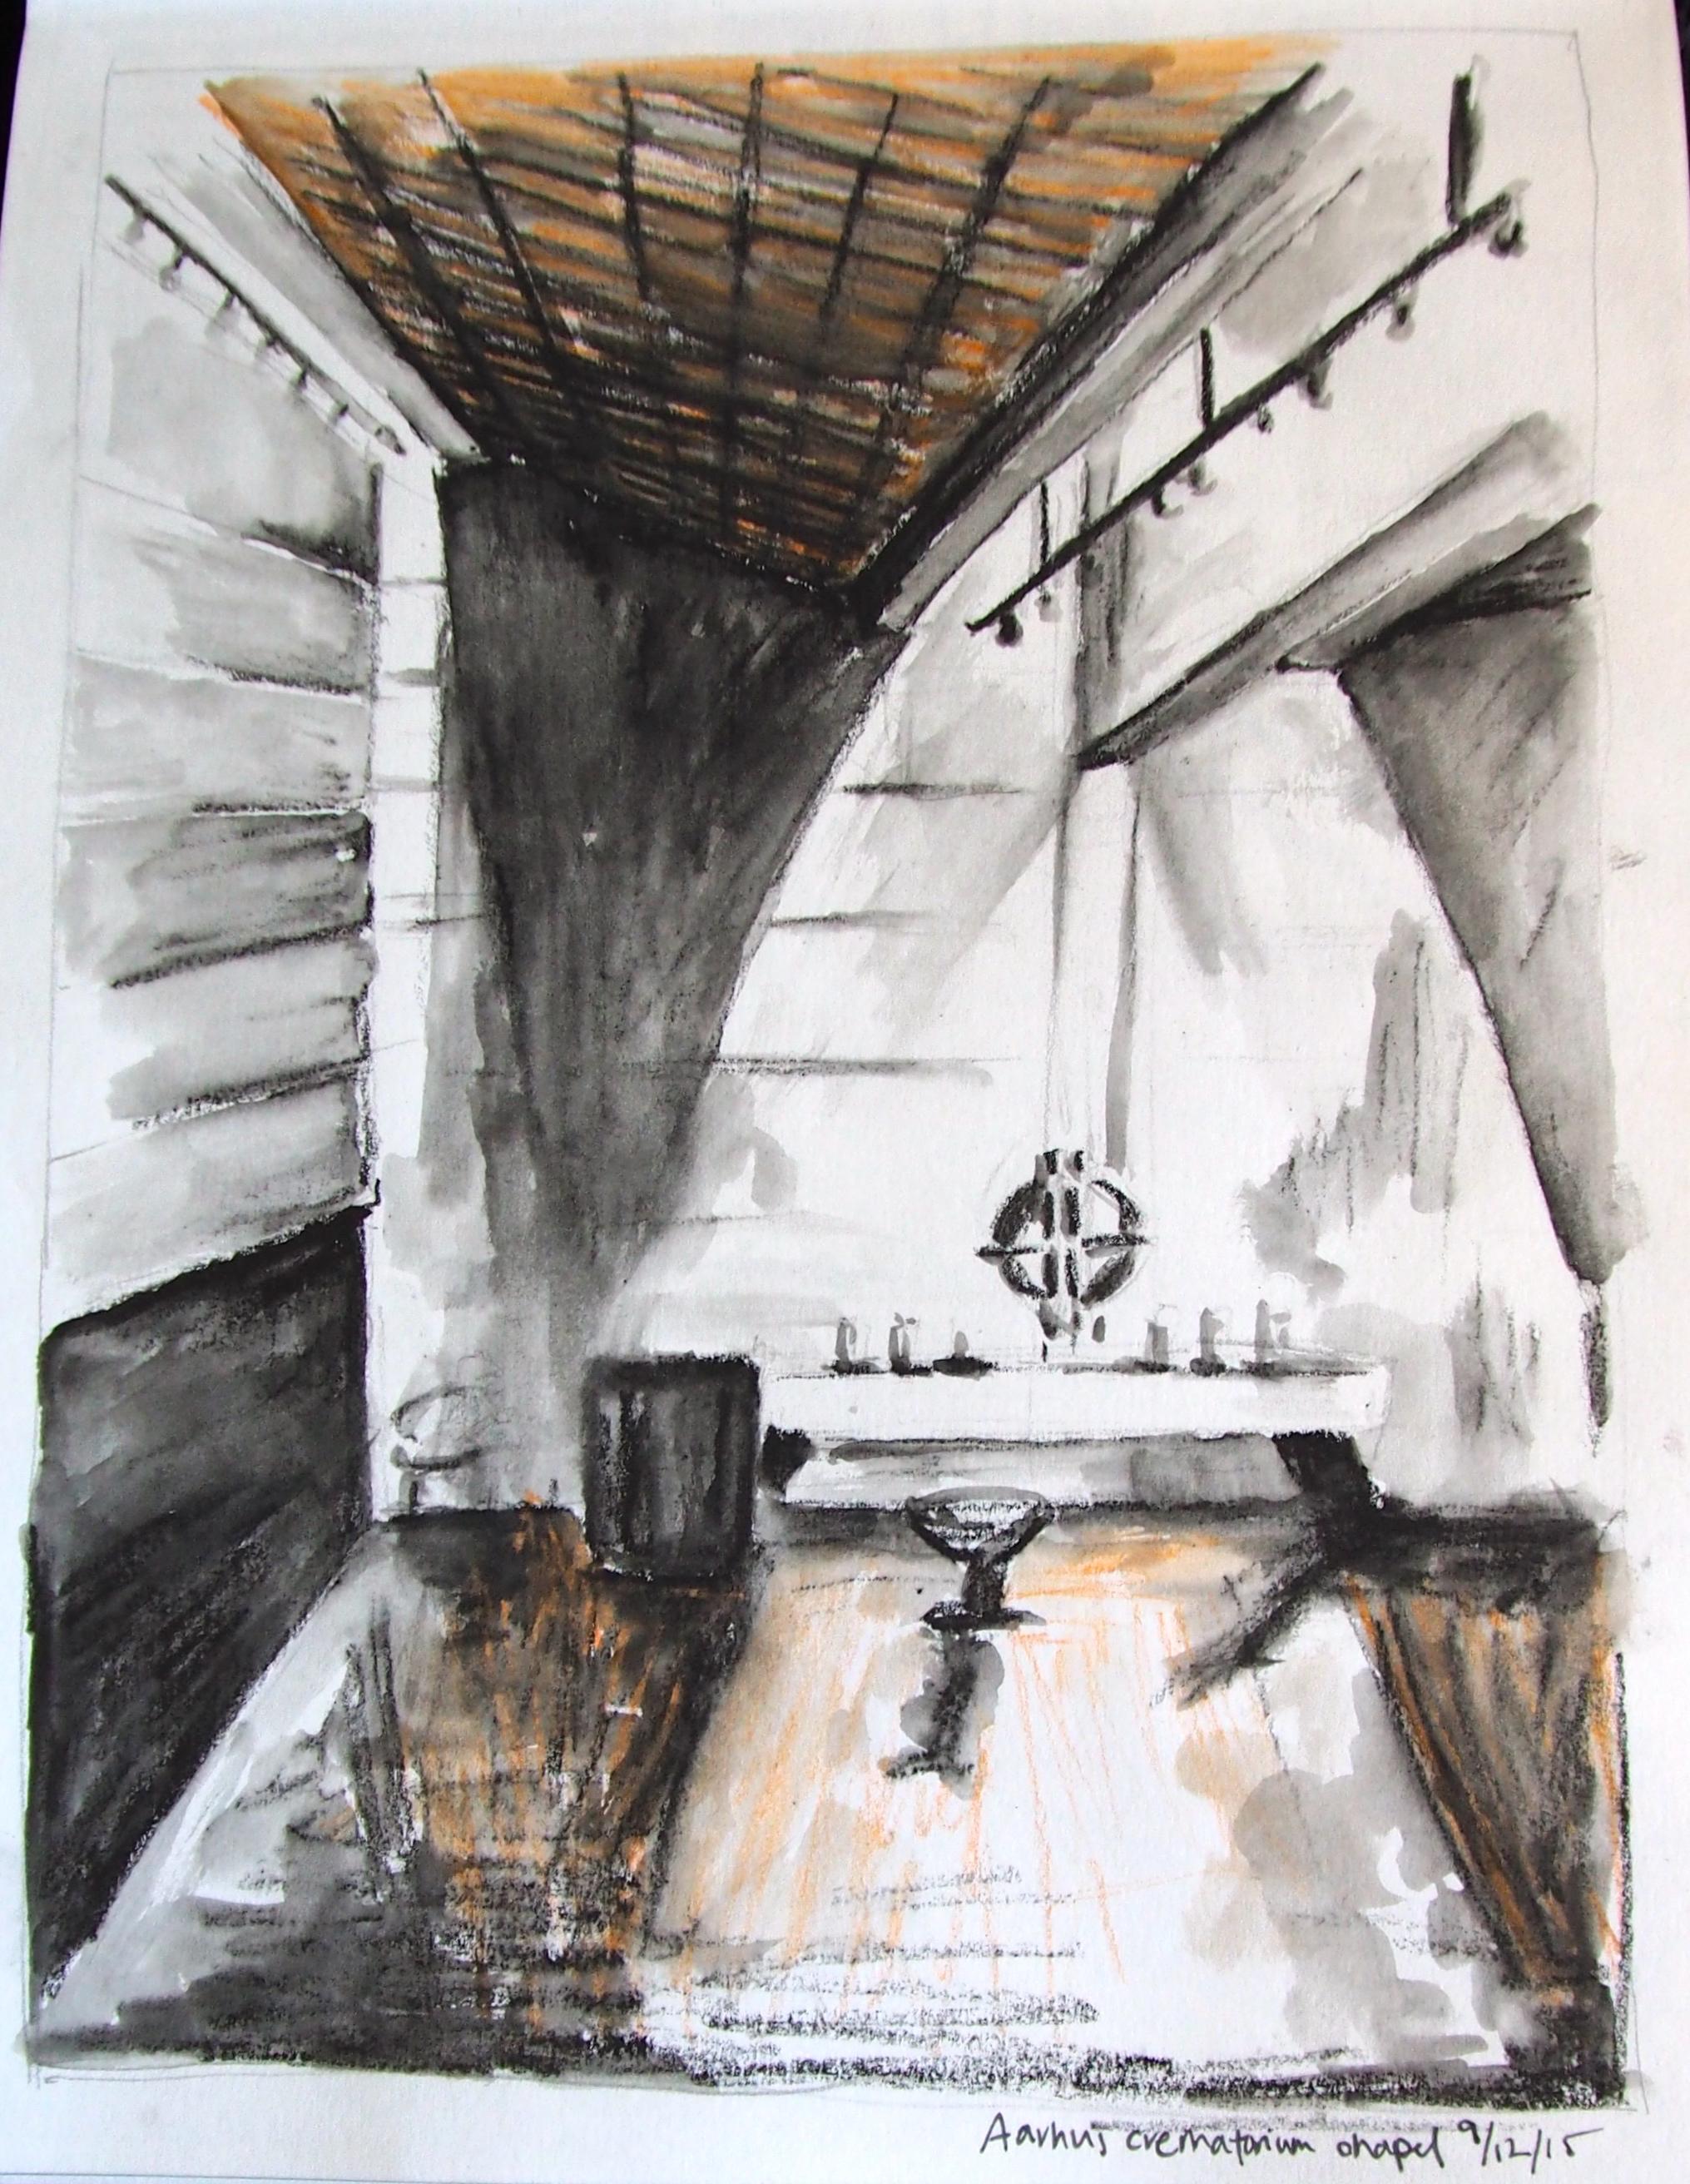 Crematorium Chapel, Aarhus DENMARK